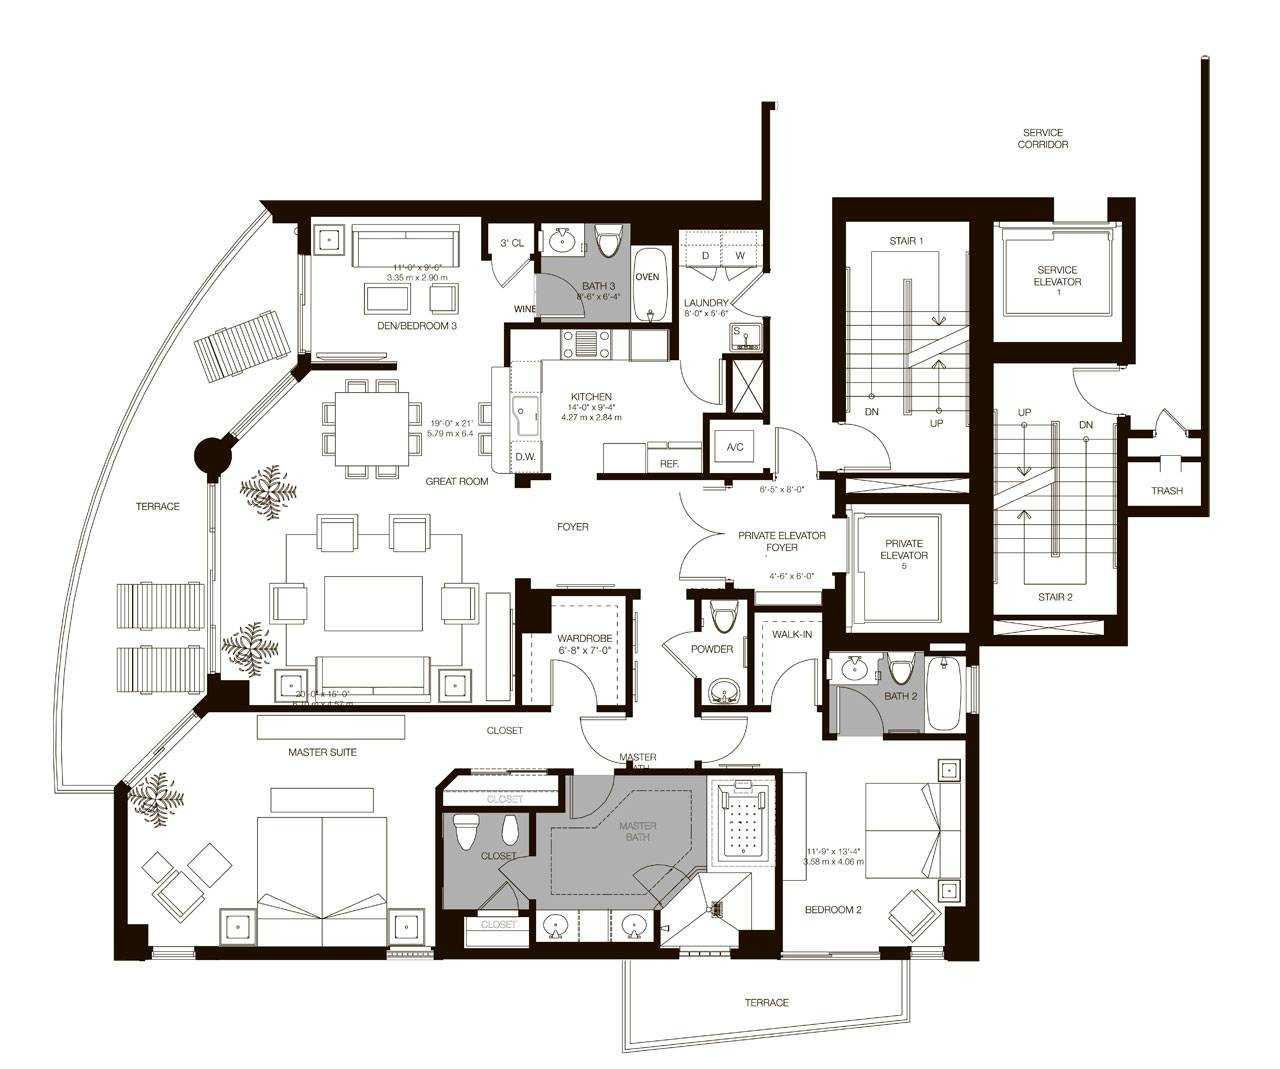 Residences 01 - 06, Level 5-33